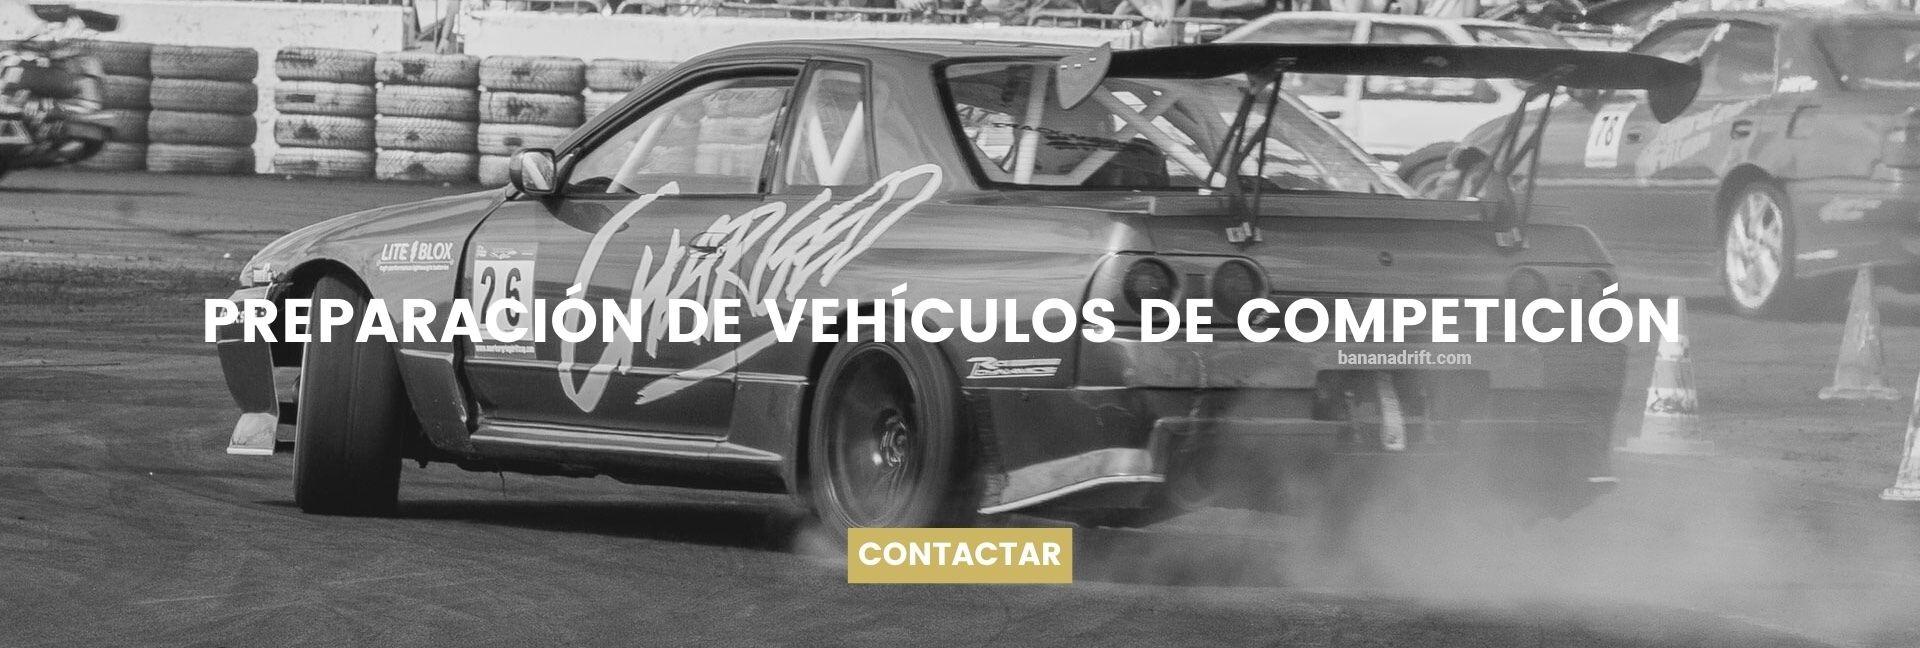 preparación de vehículos de competición